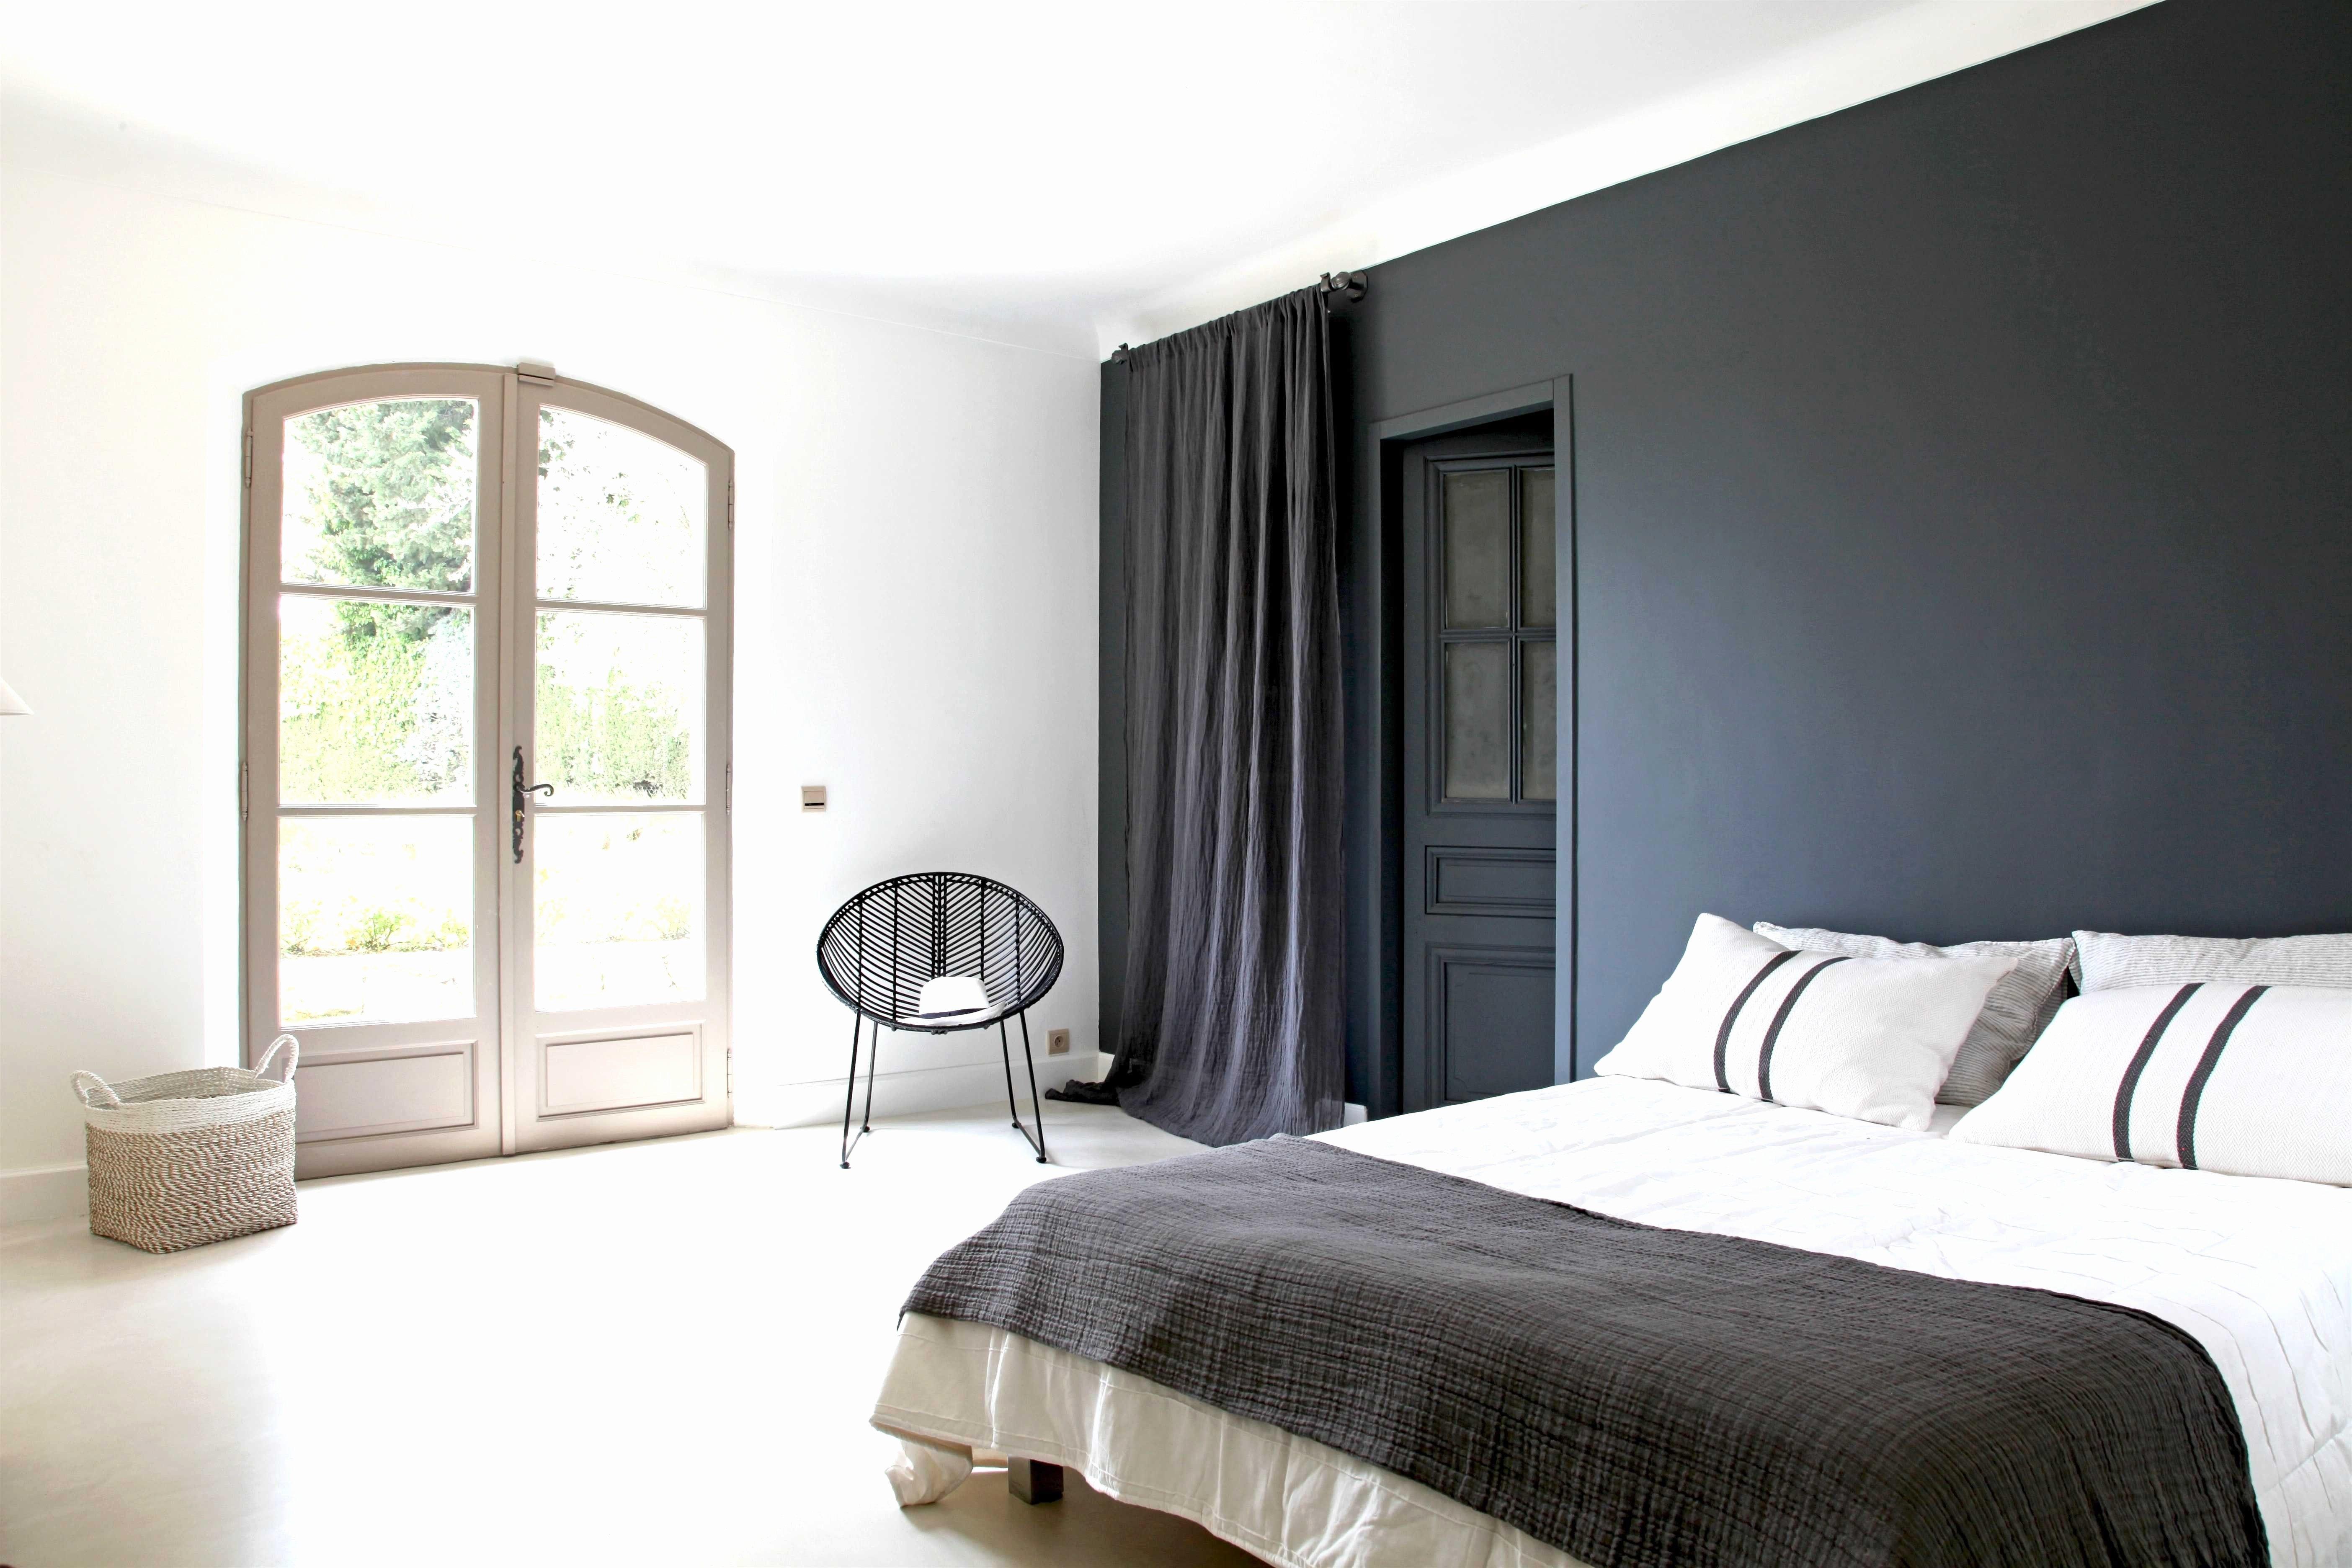 Parure De Lit Vert Meilleur De Deco Chambre Lit Noir Inspirer 40 De Deco Chambre Vert Conception